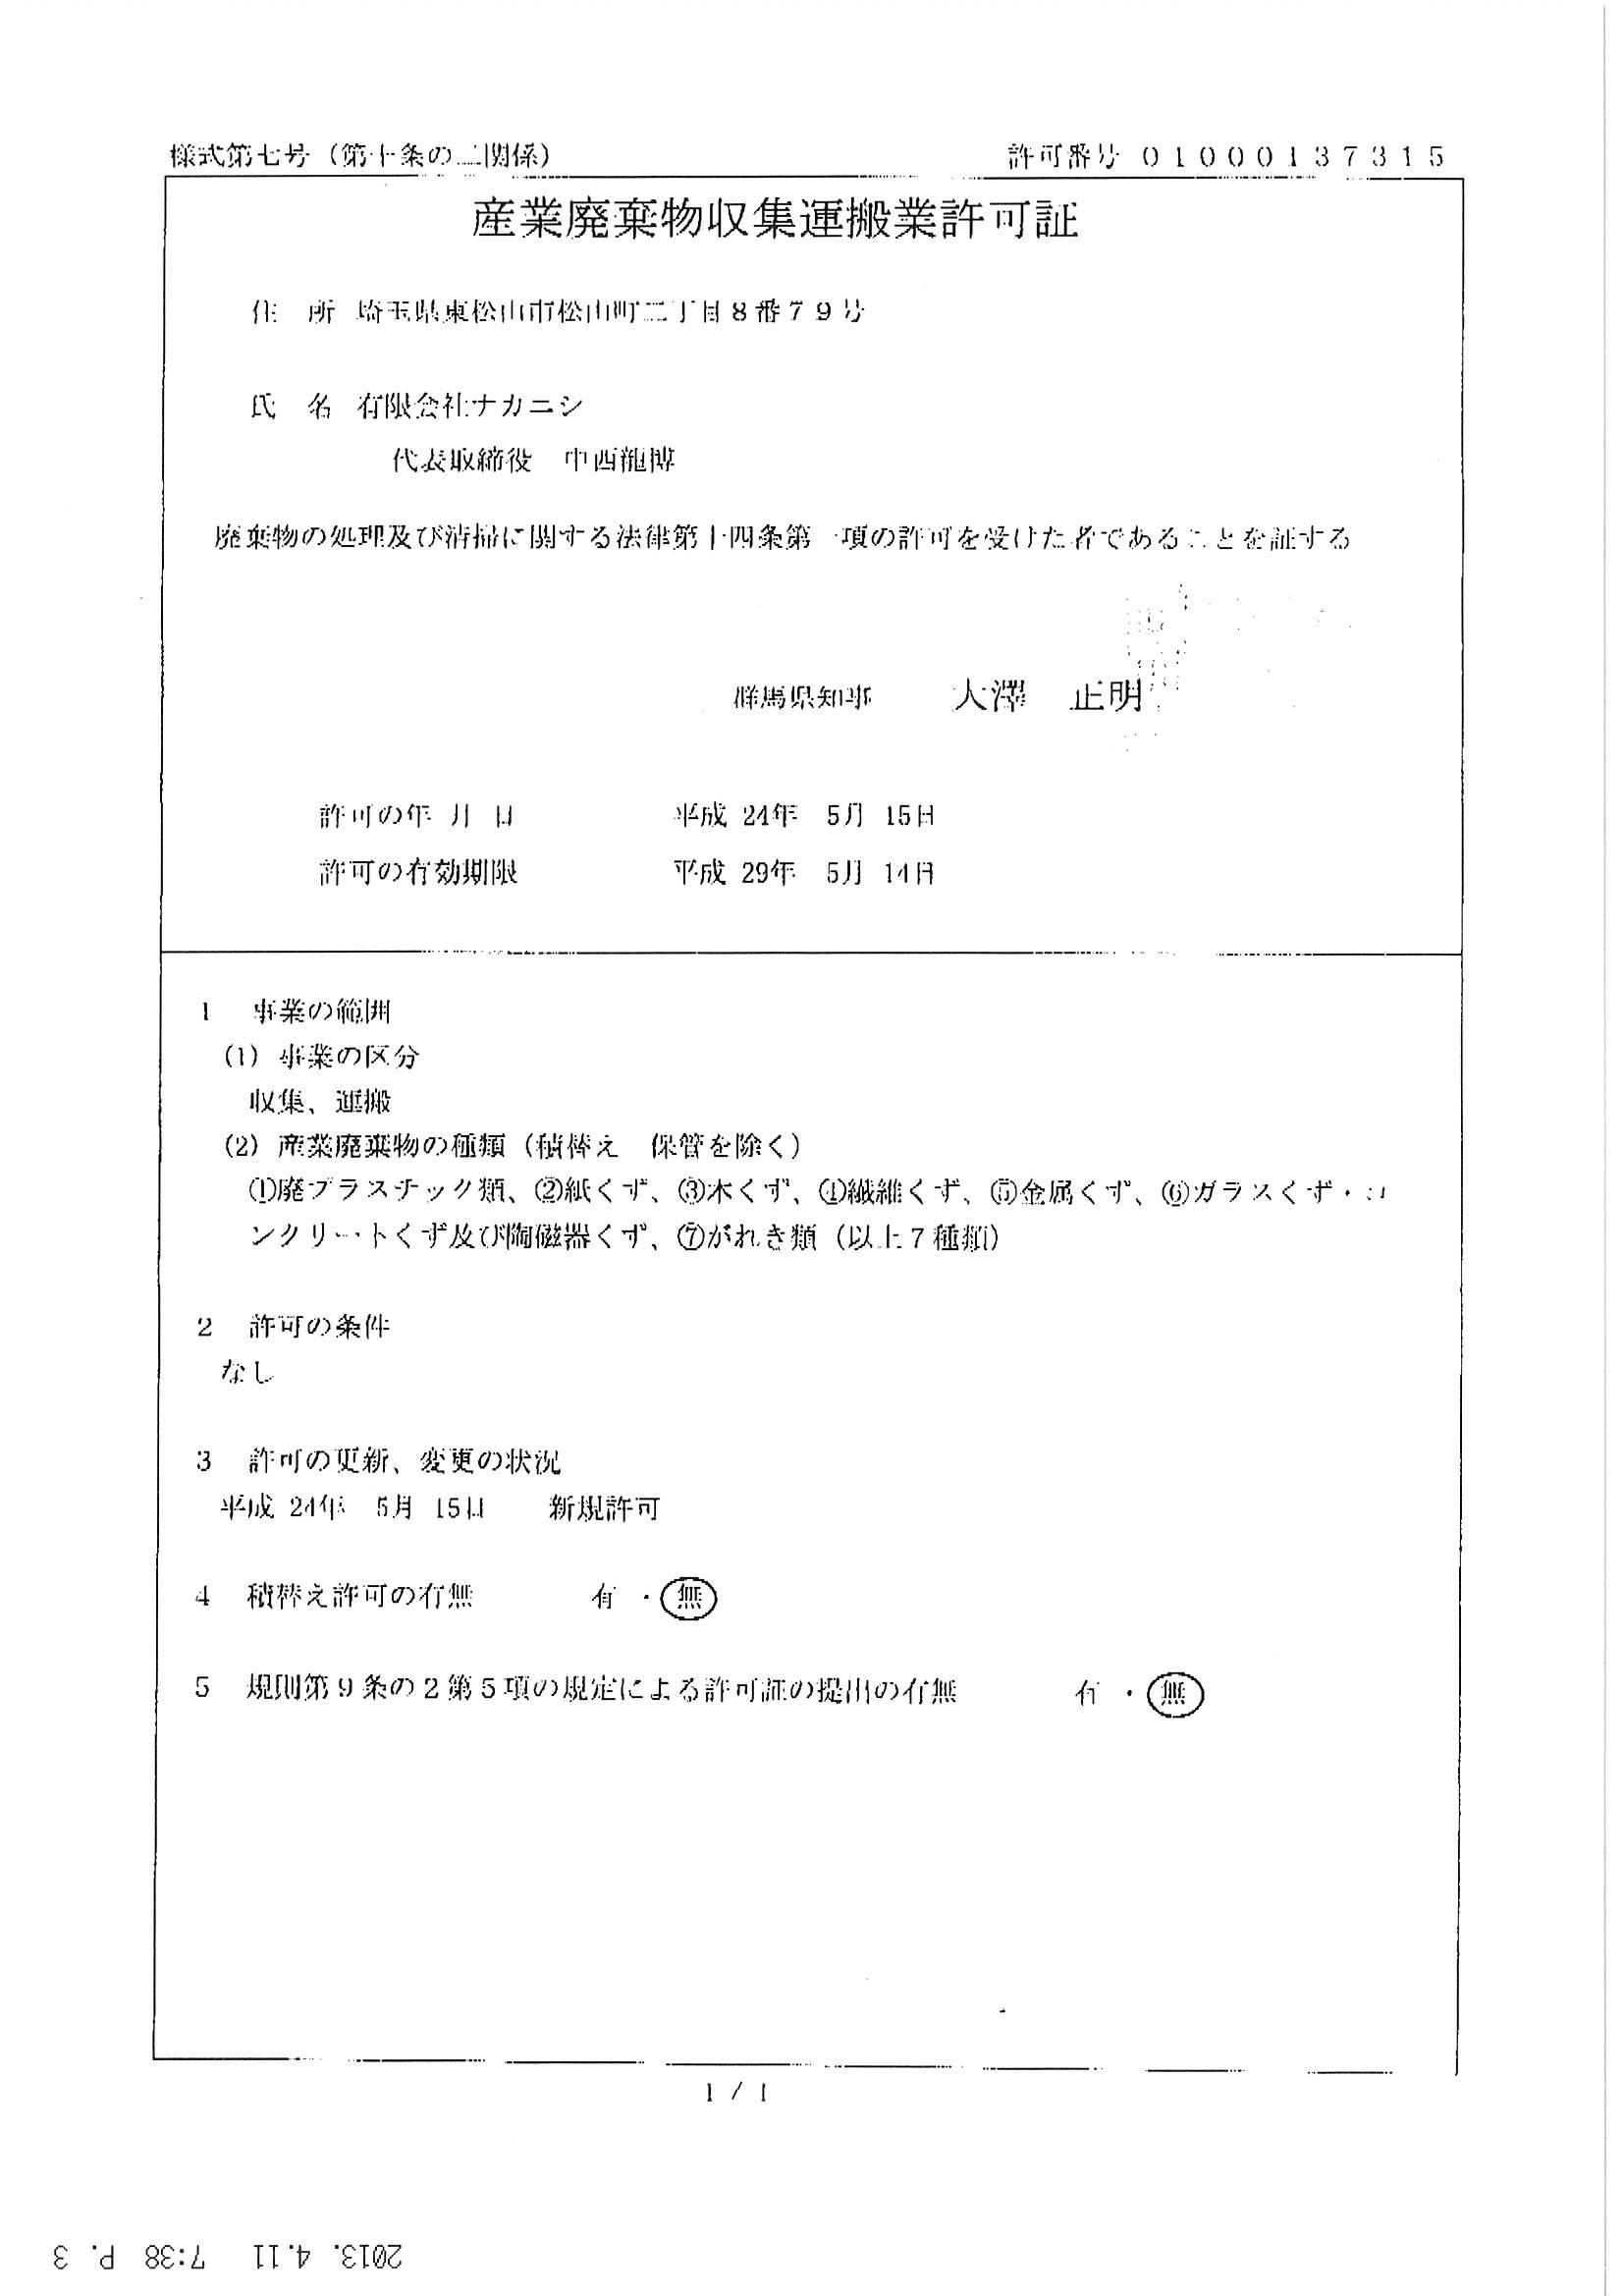 許可証関連写真2